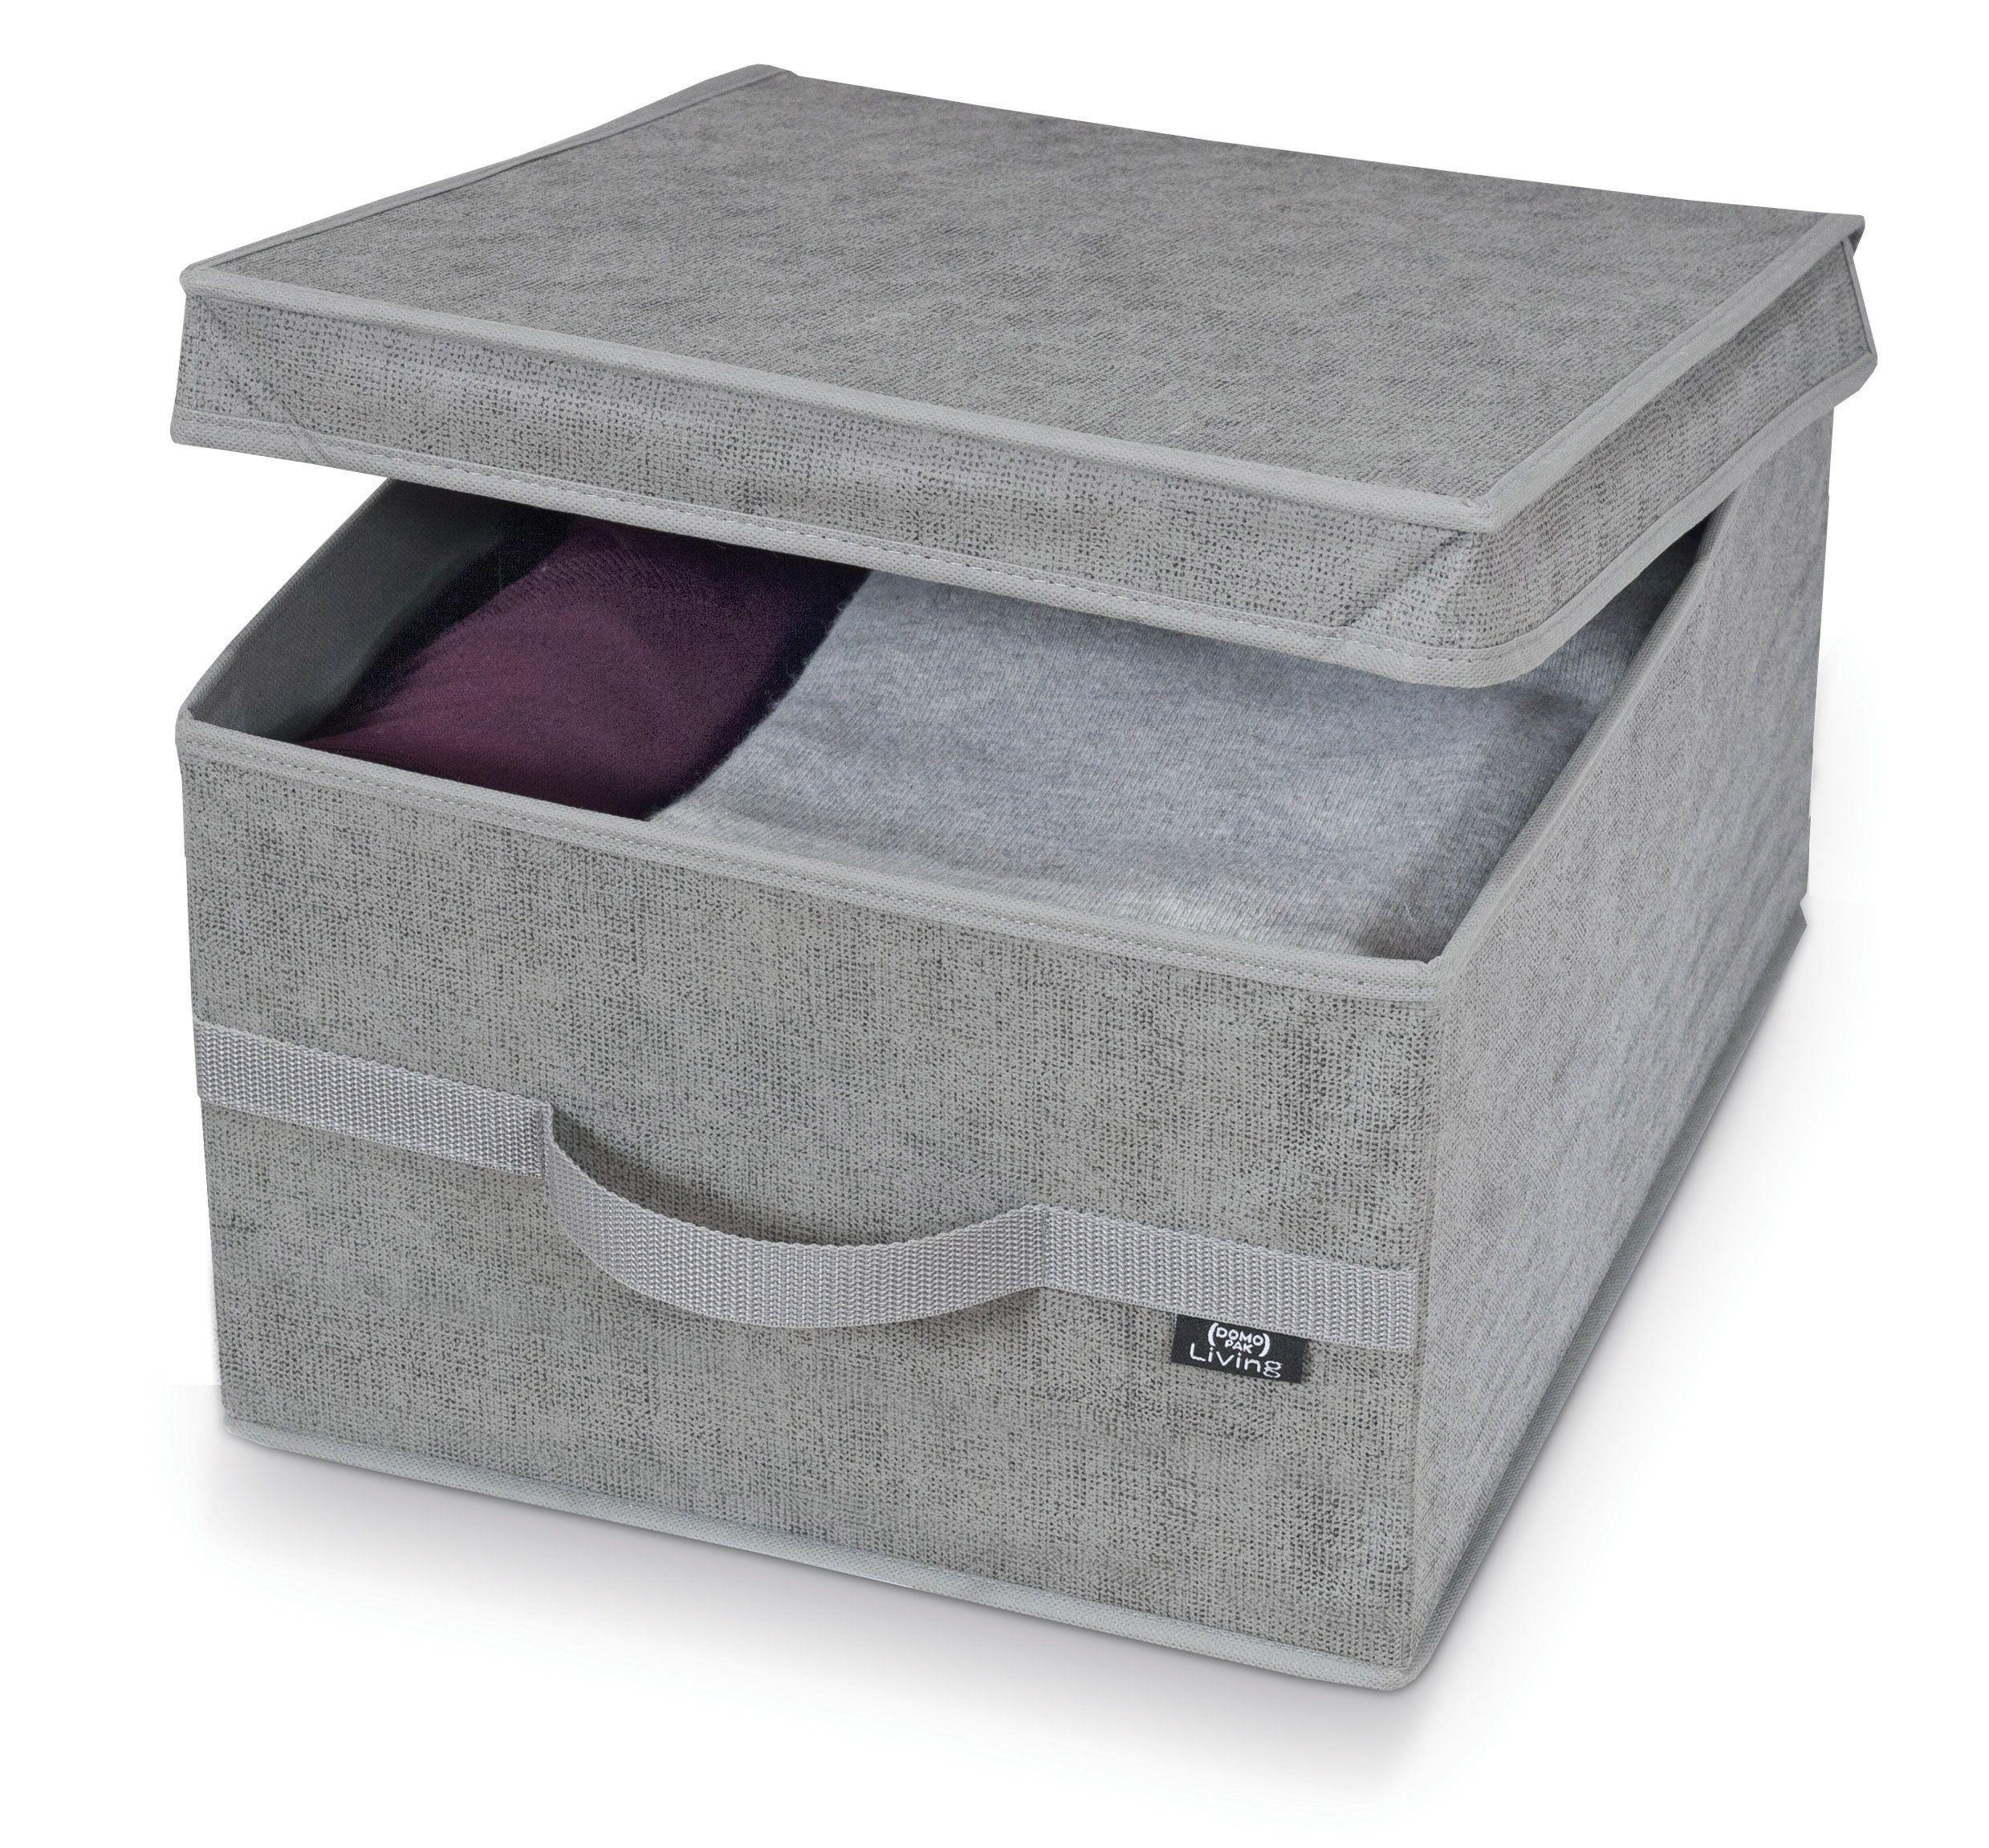 Cutie pentru depozitare din carton si polipropilena, Stone L Gri, L50xl38xH24 cm poza